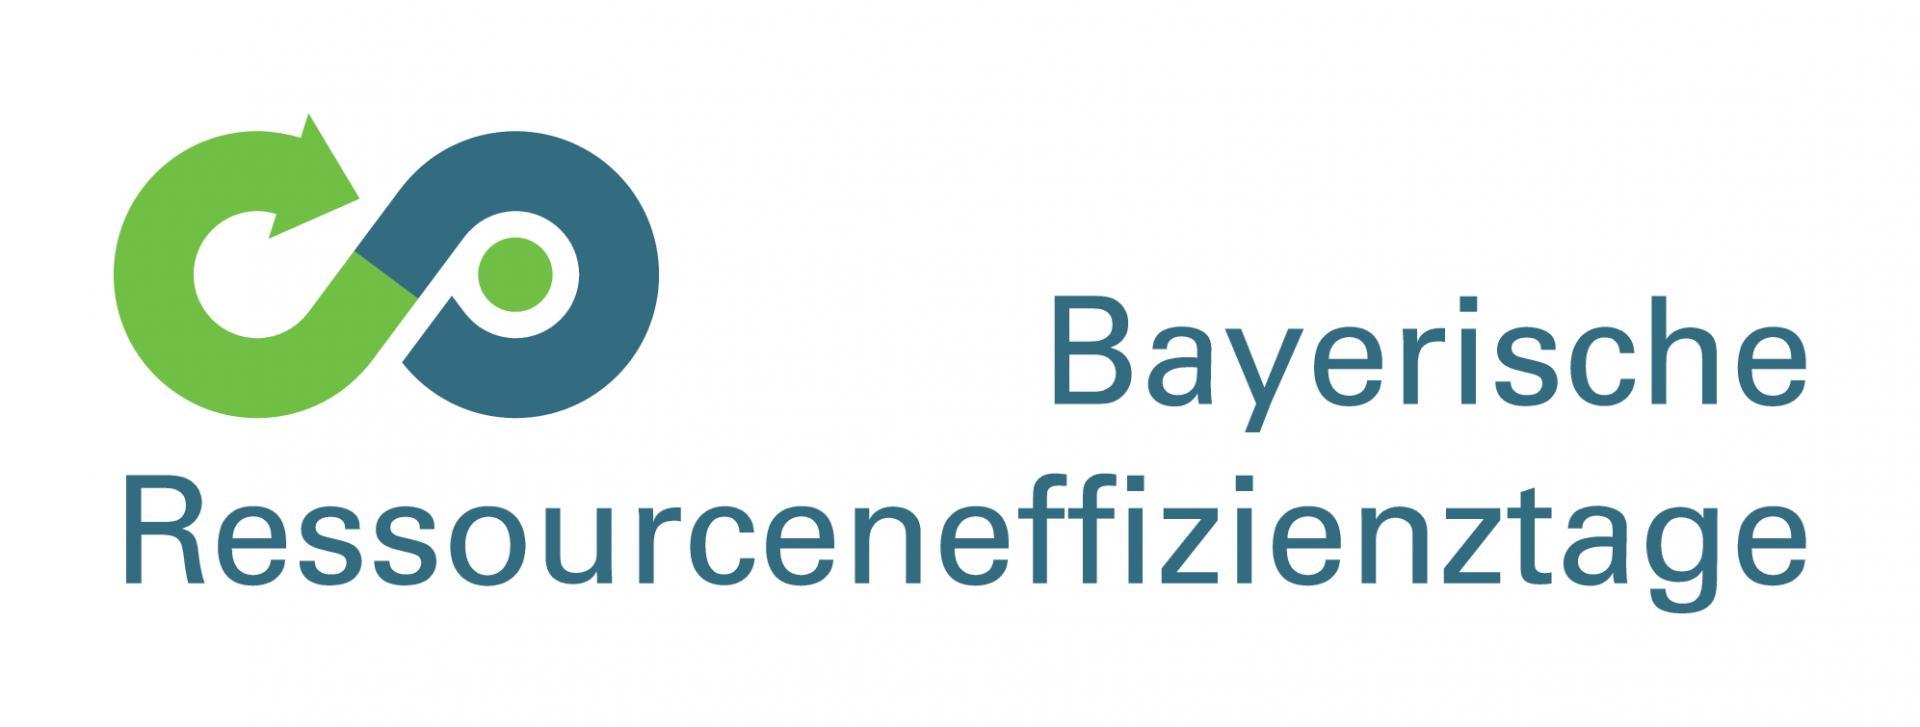 Bayerische Ressourceneffizienztage